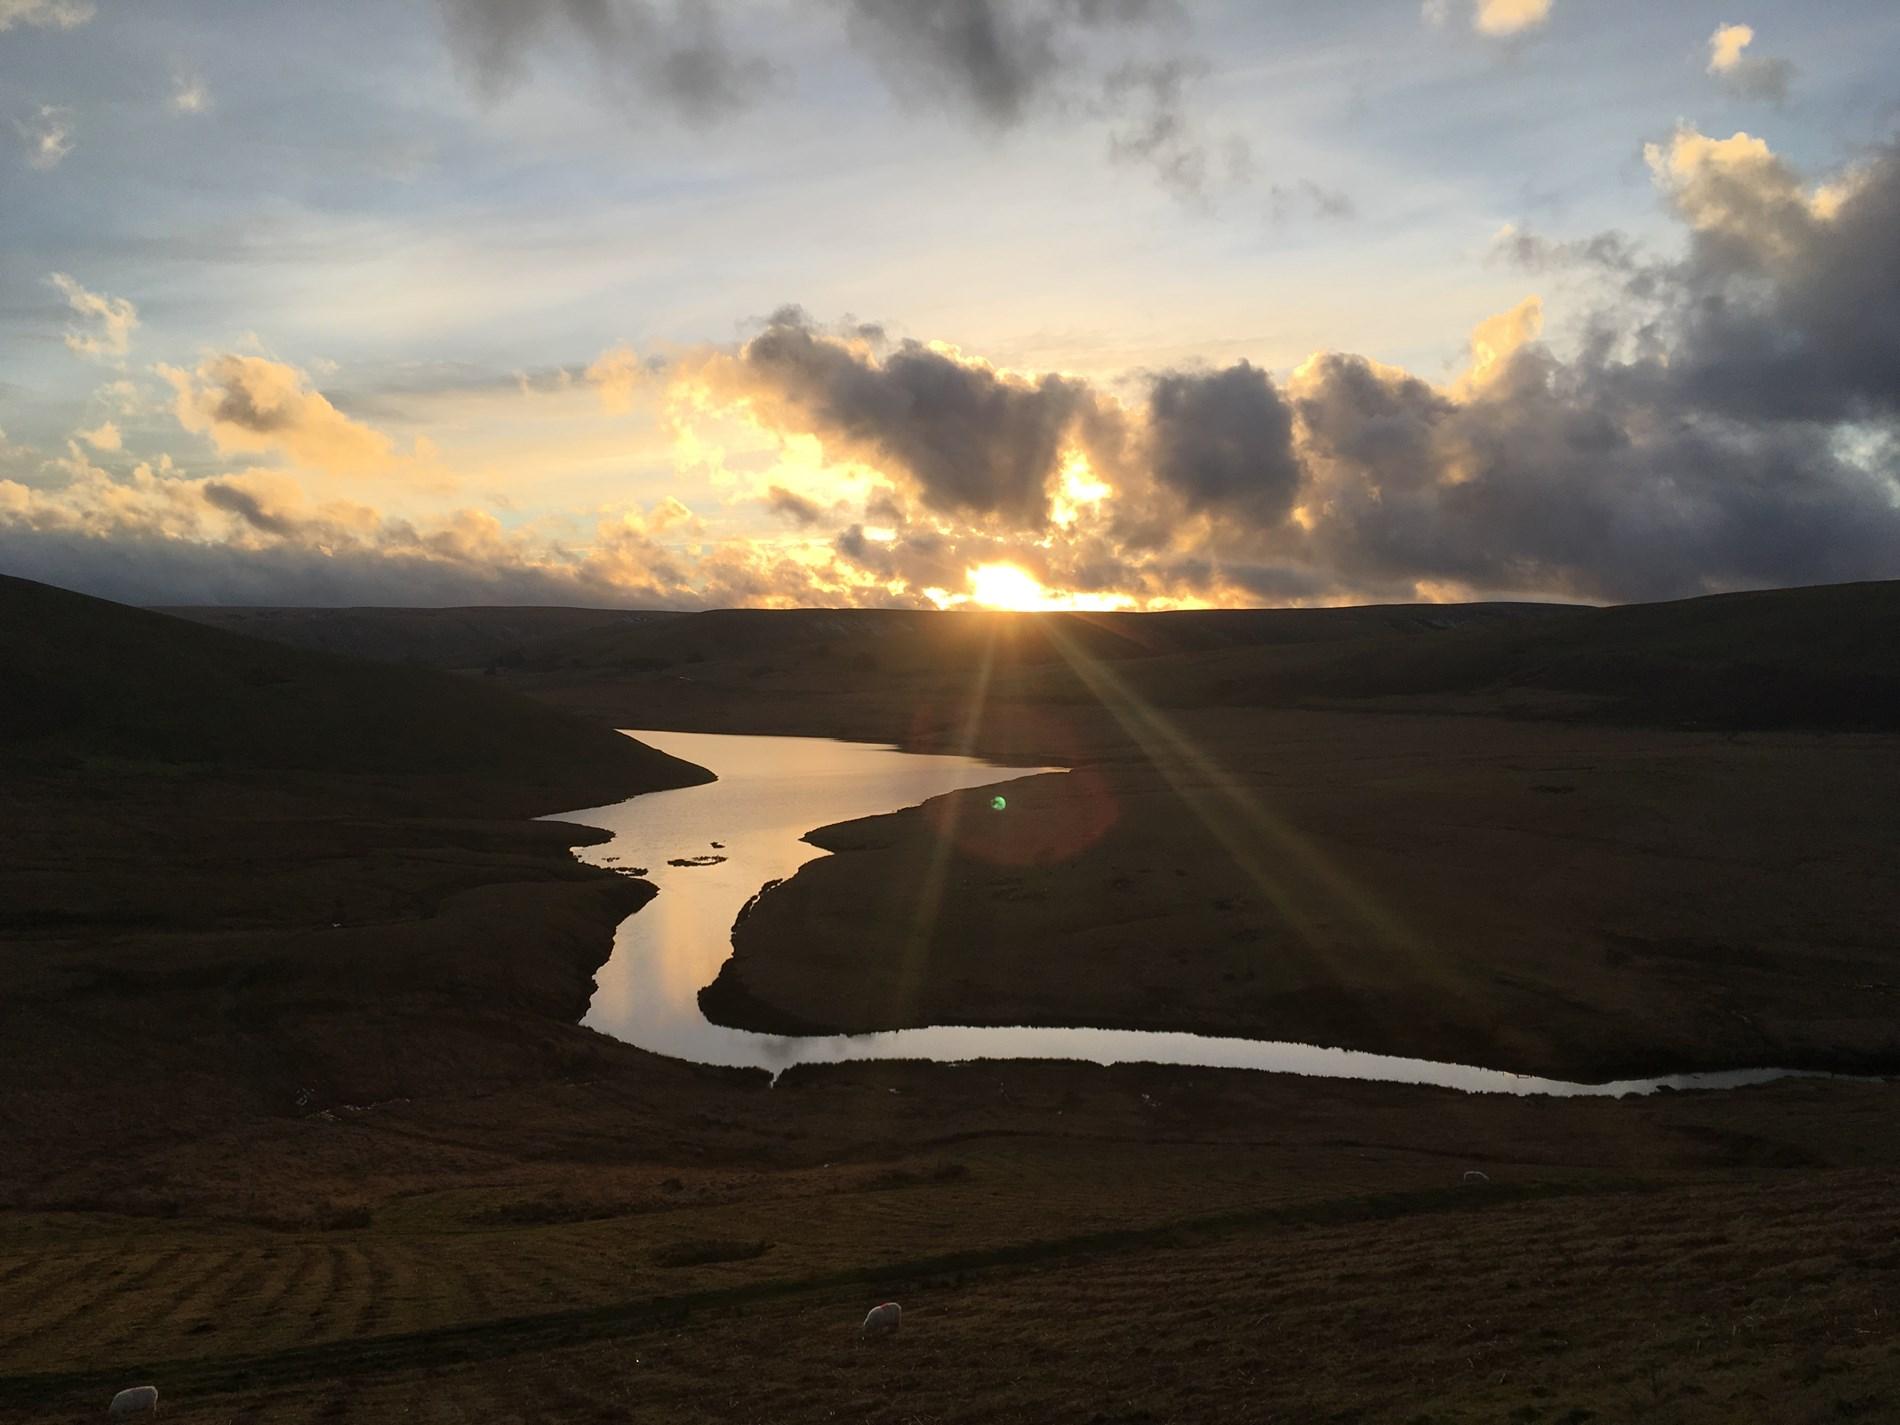 Beautiful sunset views across Craig Goch reservoir